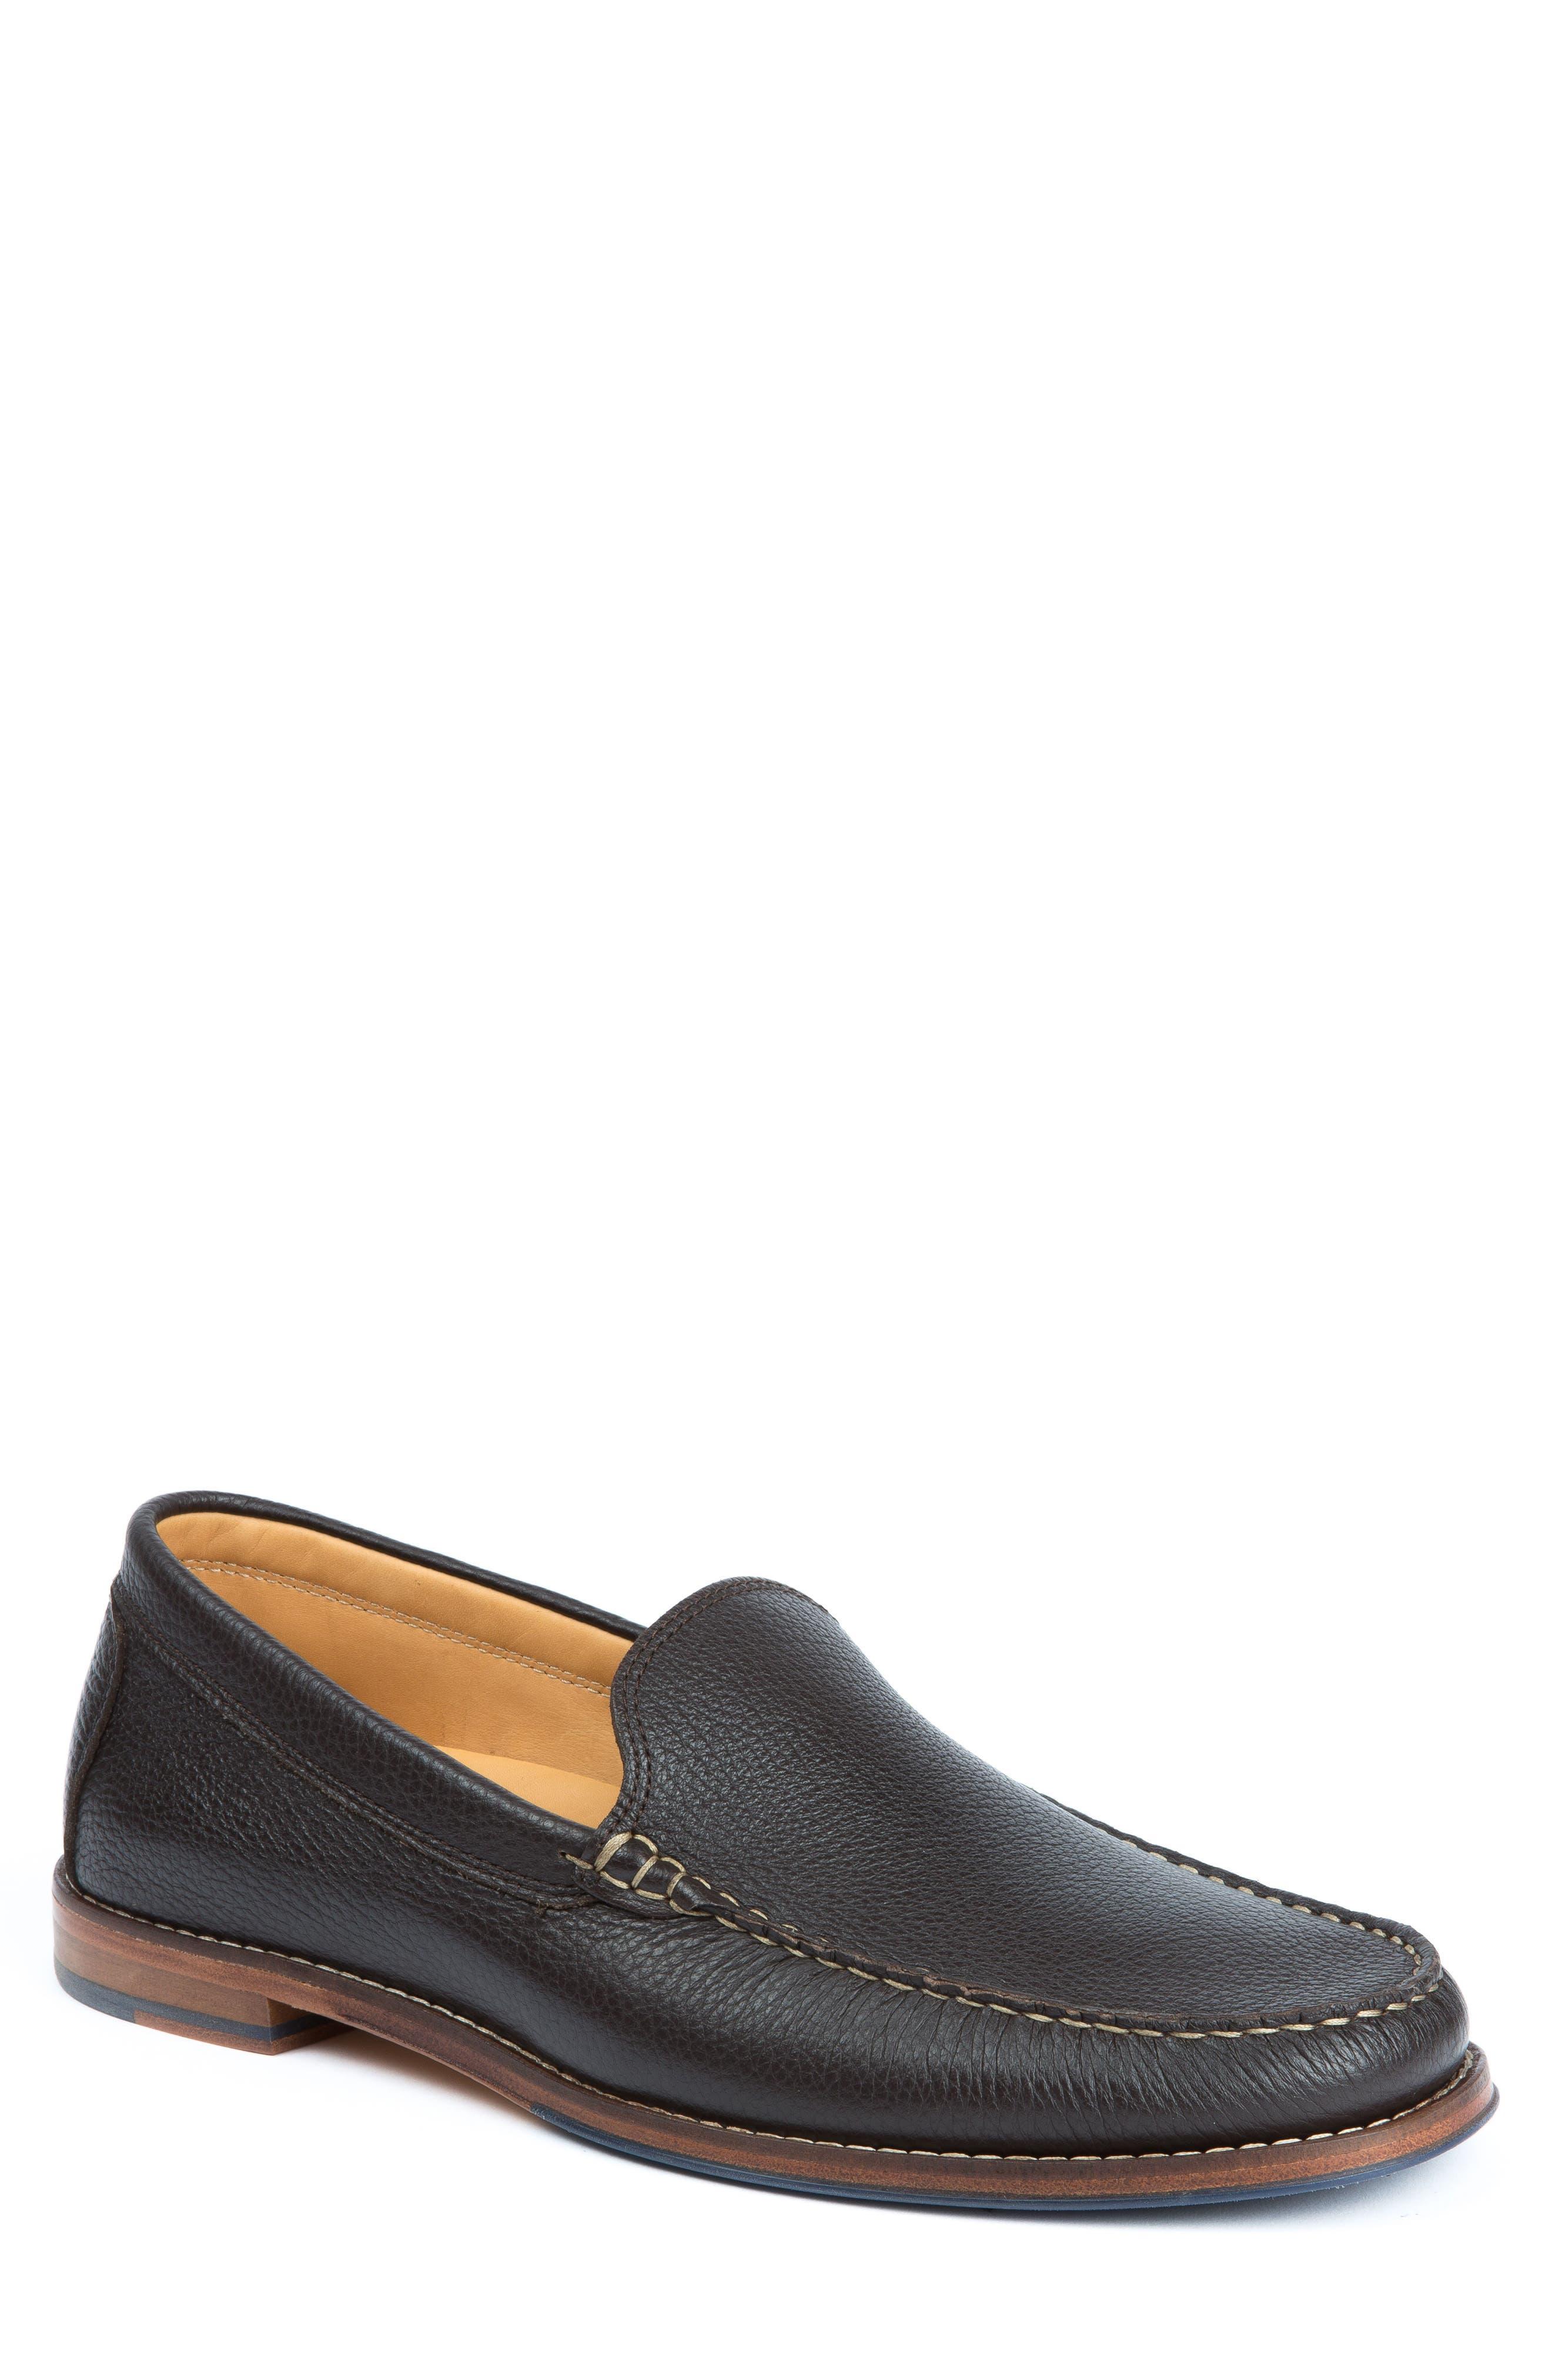 Caldwells Loafer,                         Main,                         color, Brown Grain